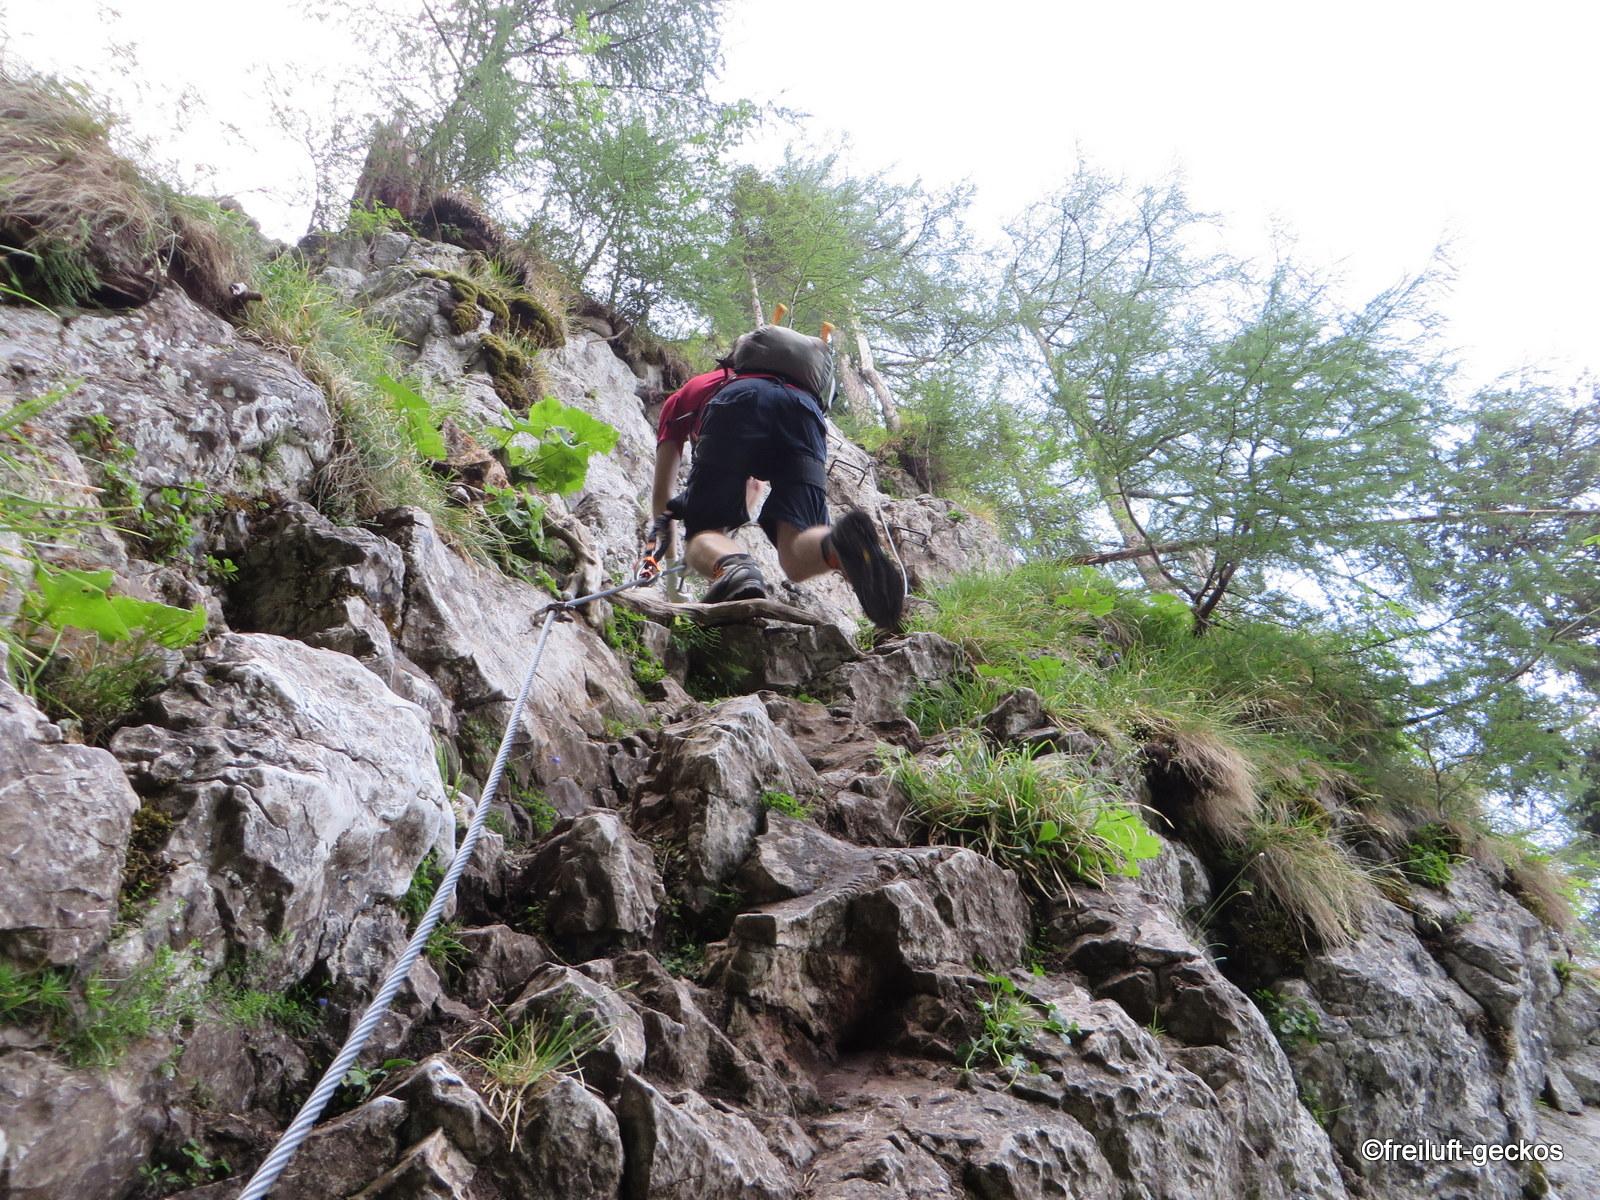 Klettersteig Hochlantsch : Freiluft geckos wandern franz scheikl klettersteig breitenau